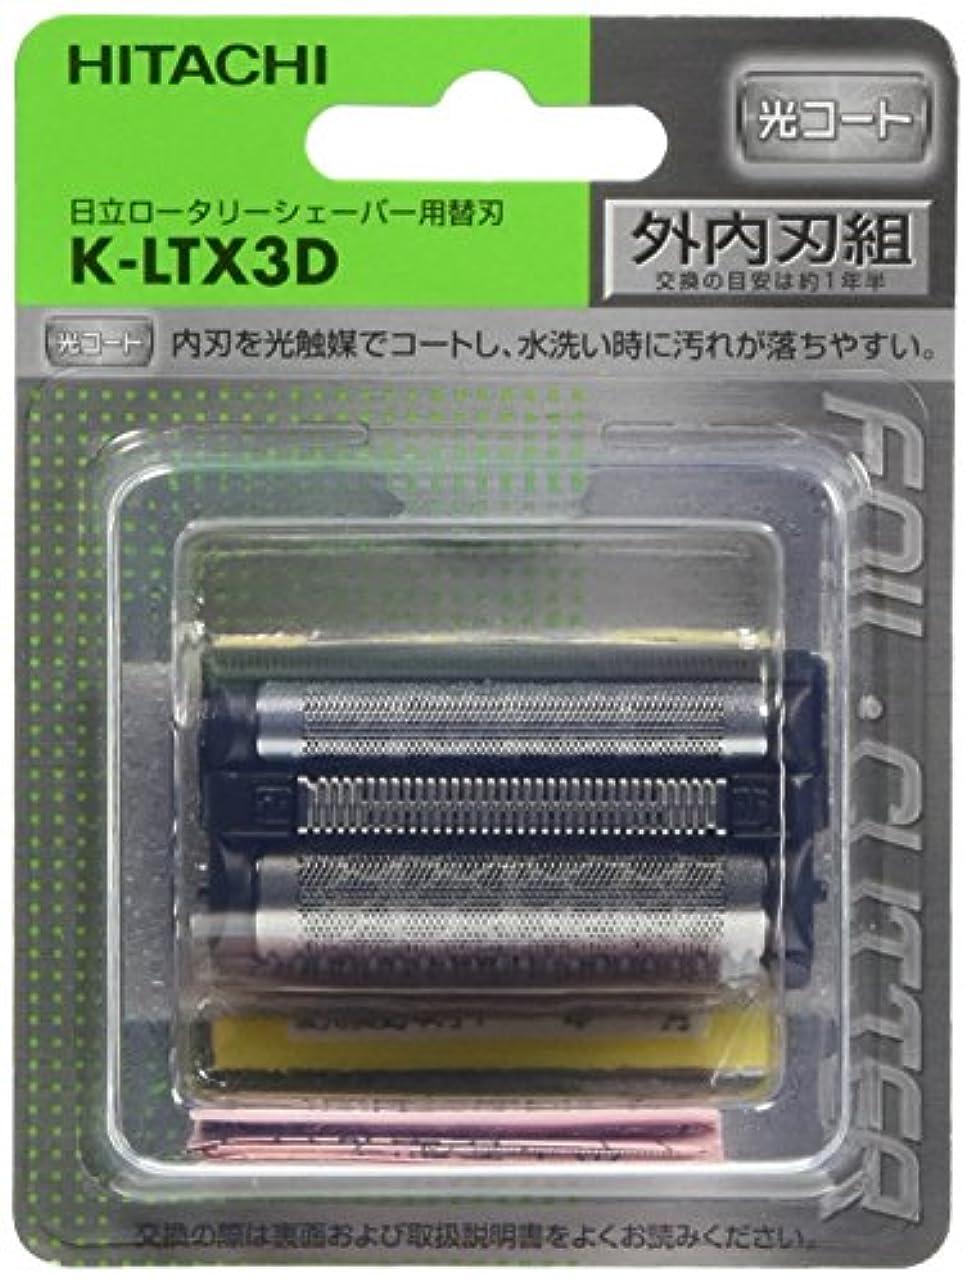 回転させる懲戒漫画日立 メンズシェーバー用替刃 K-LTX3D